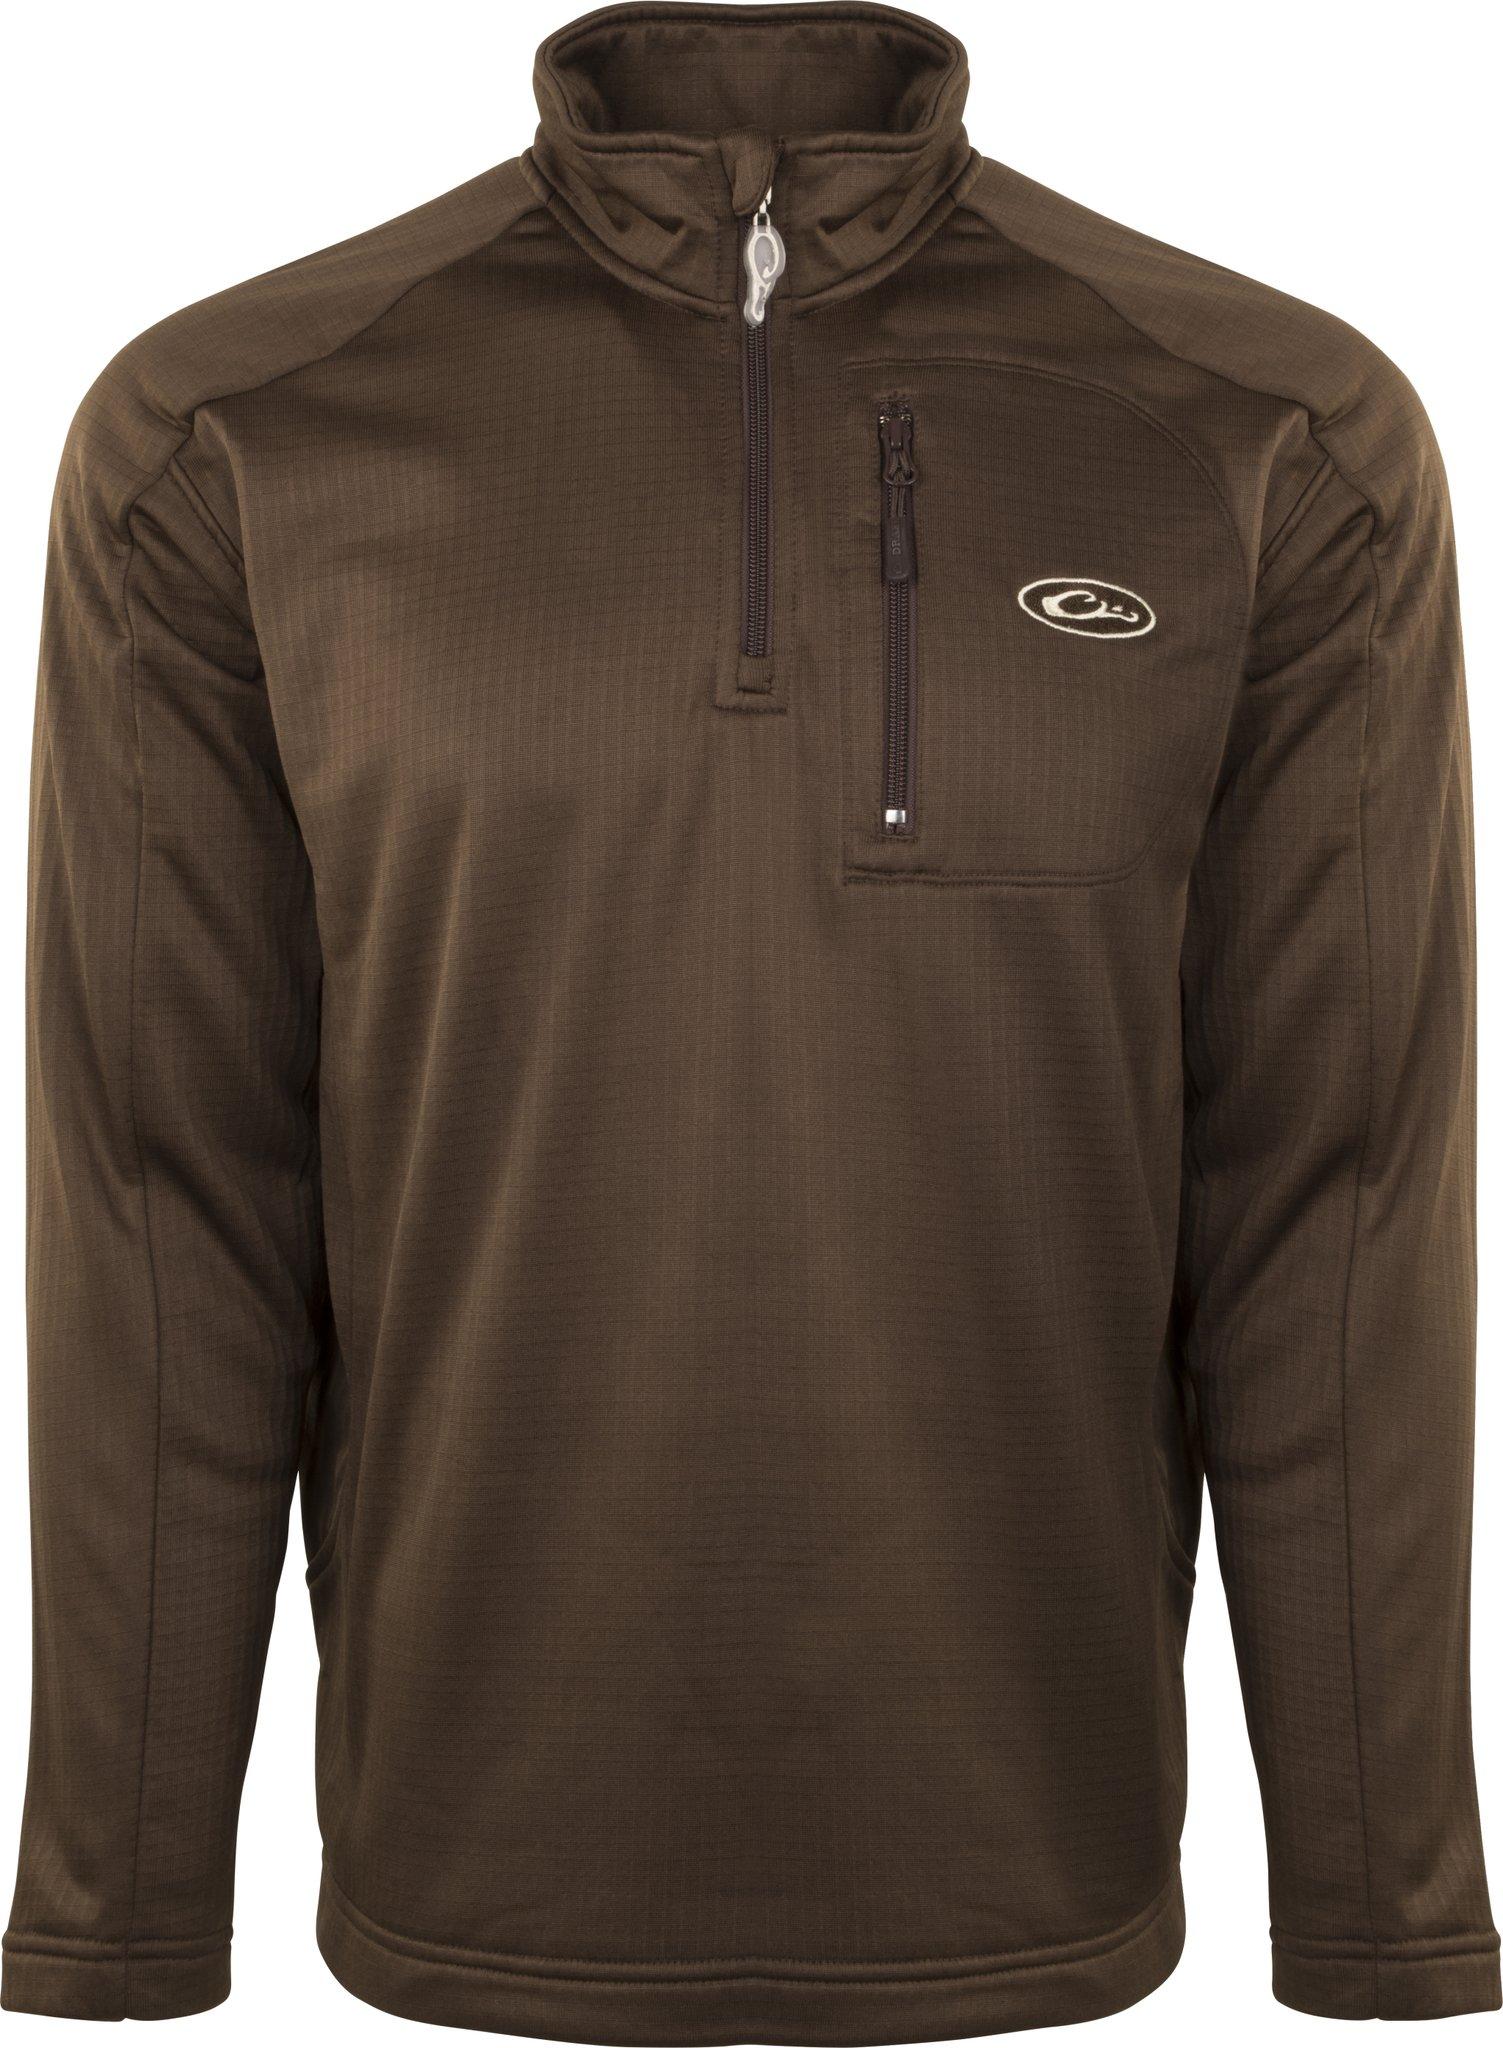 Drake Breathlite 1/4 Zip Brown Jacket, Large